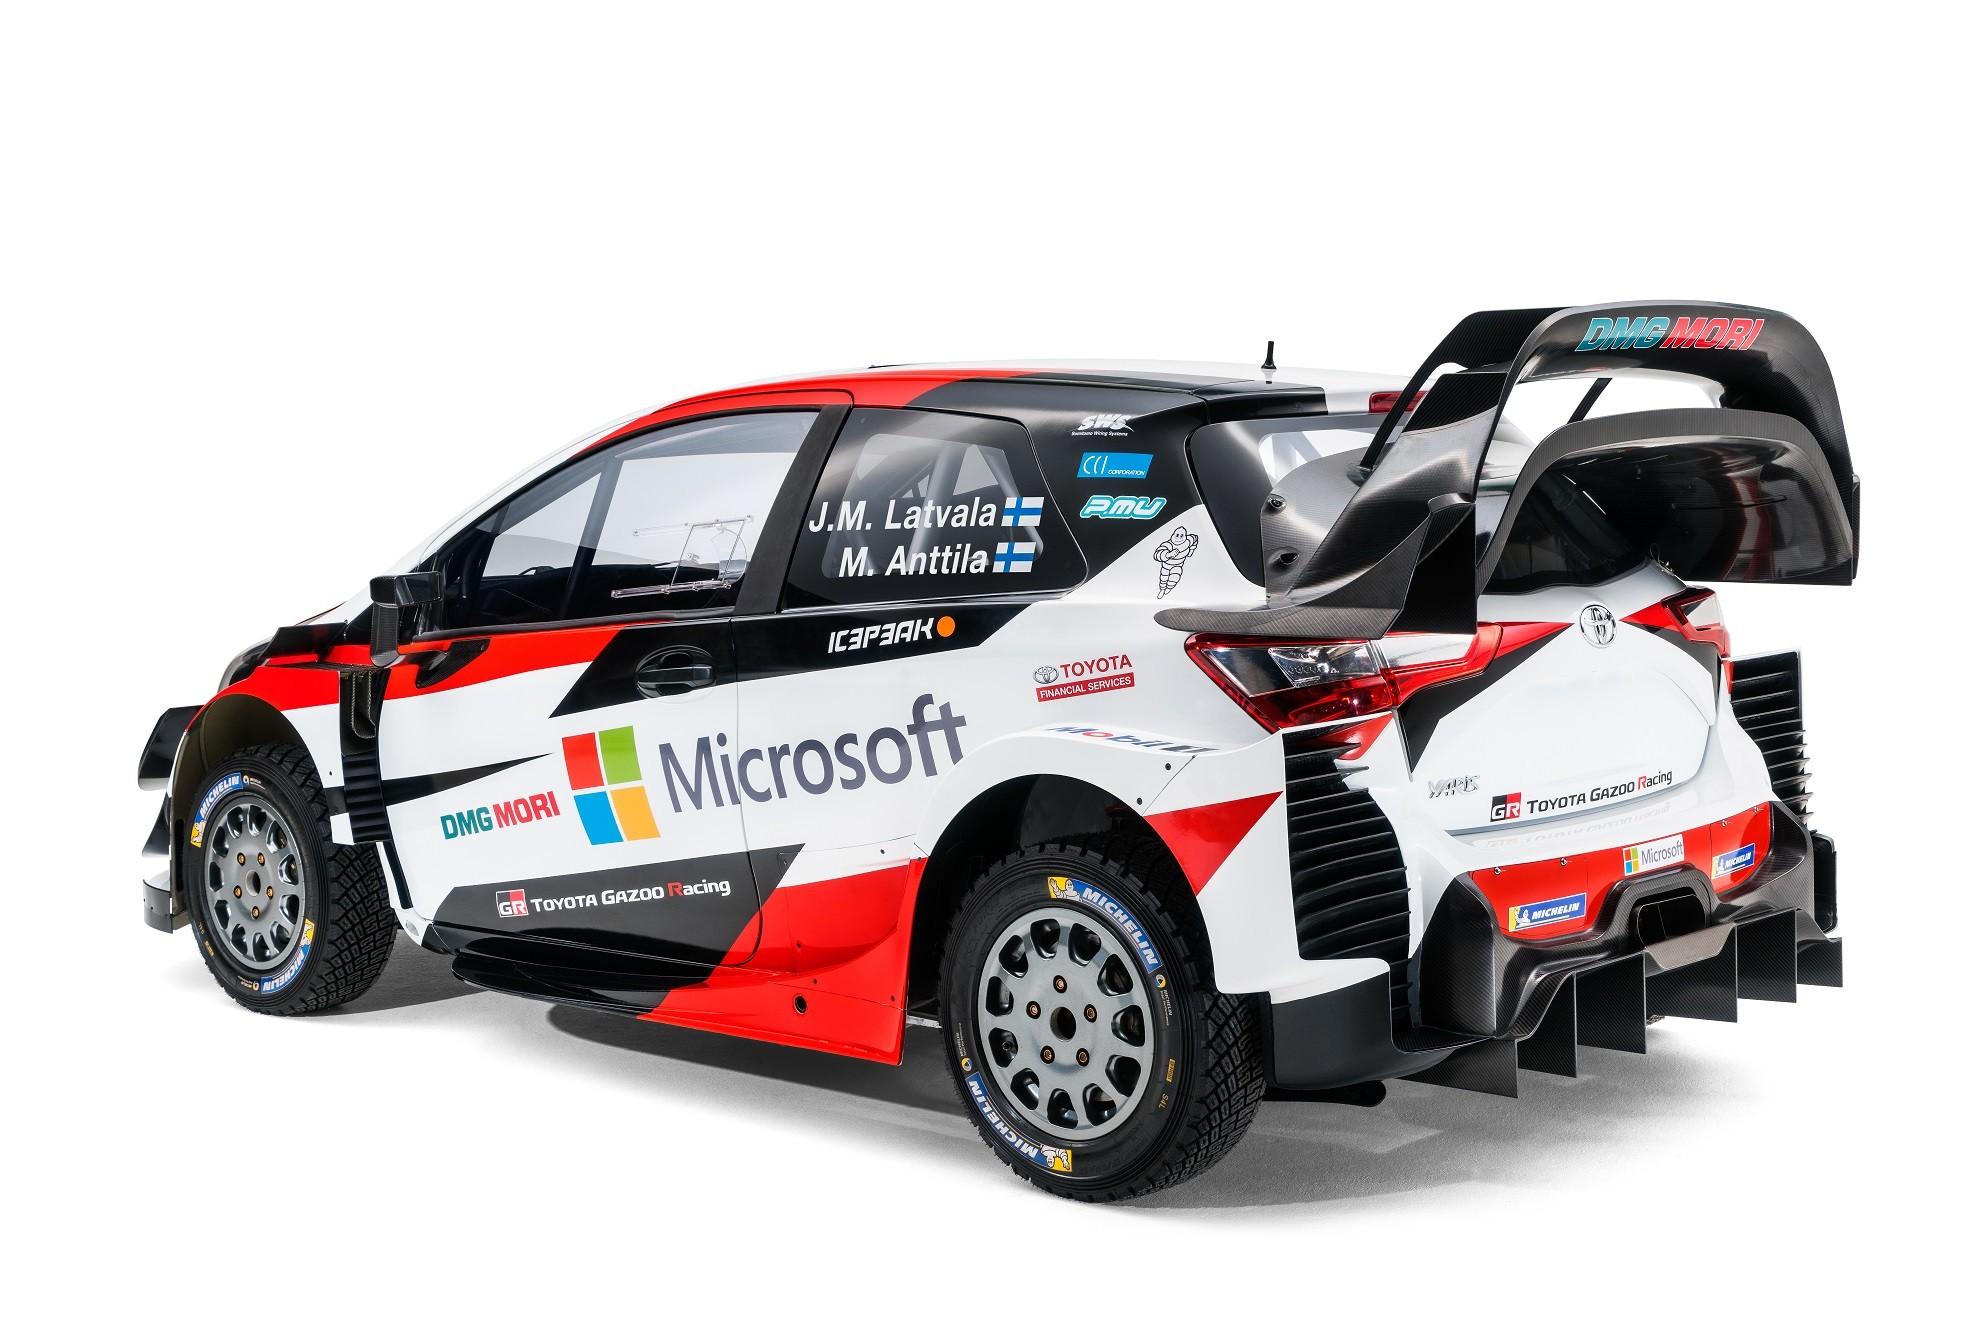 Calendario 2019 Wrc Más Reciente Wrc Aprc Irc Motorsportchannel